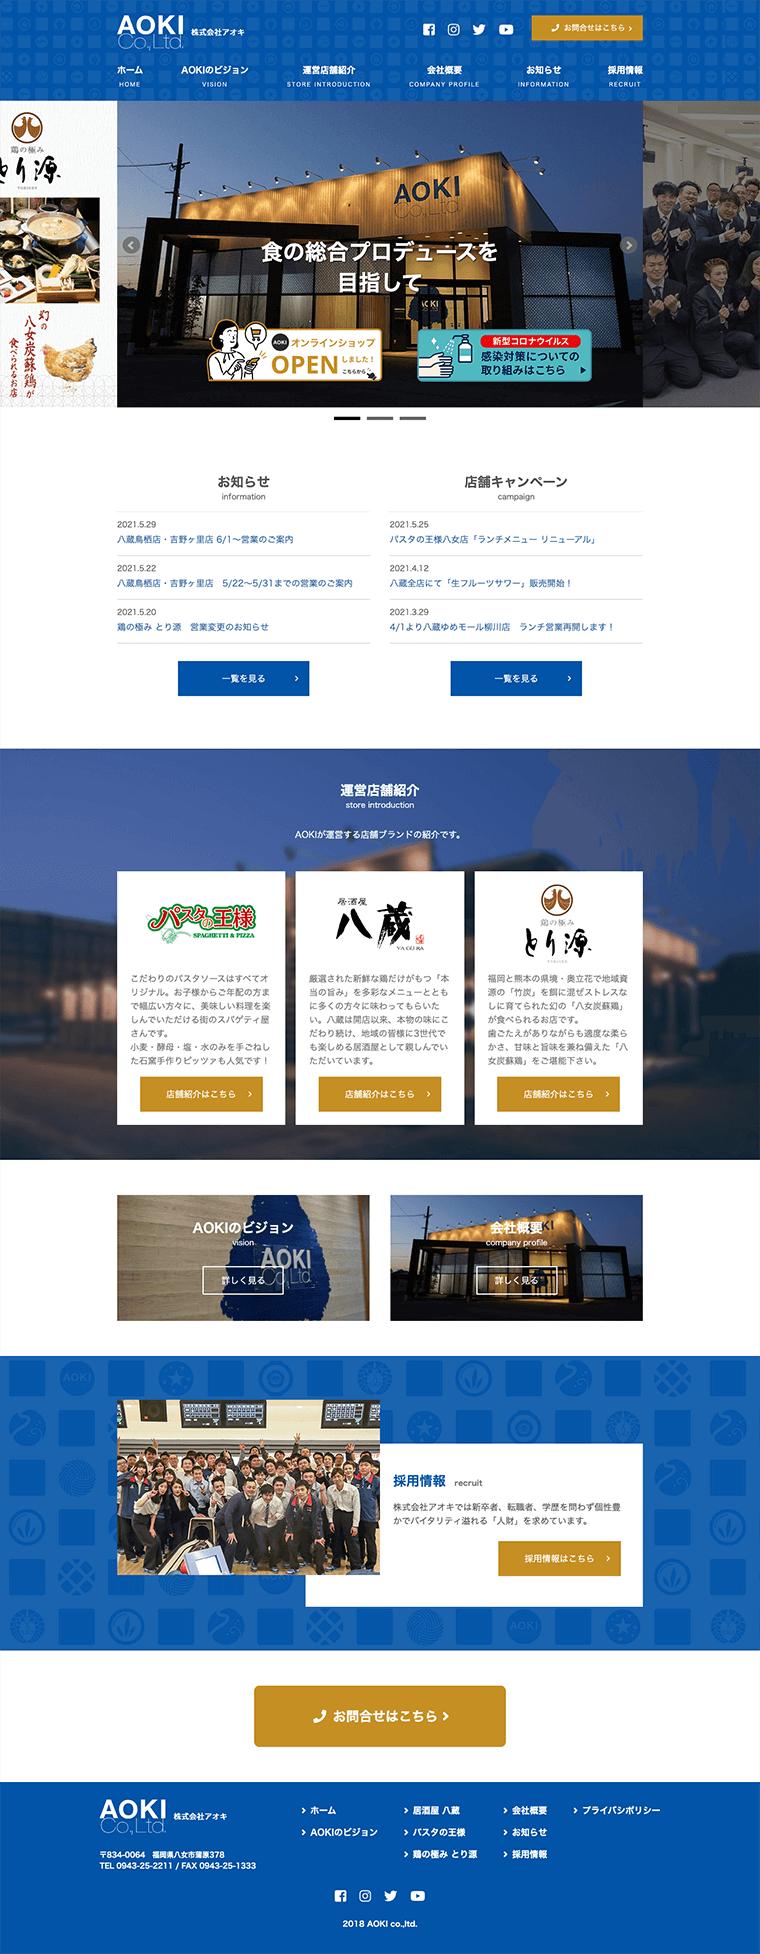 Webマーケティング_制作実績_株式会社AOKI_2